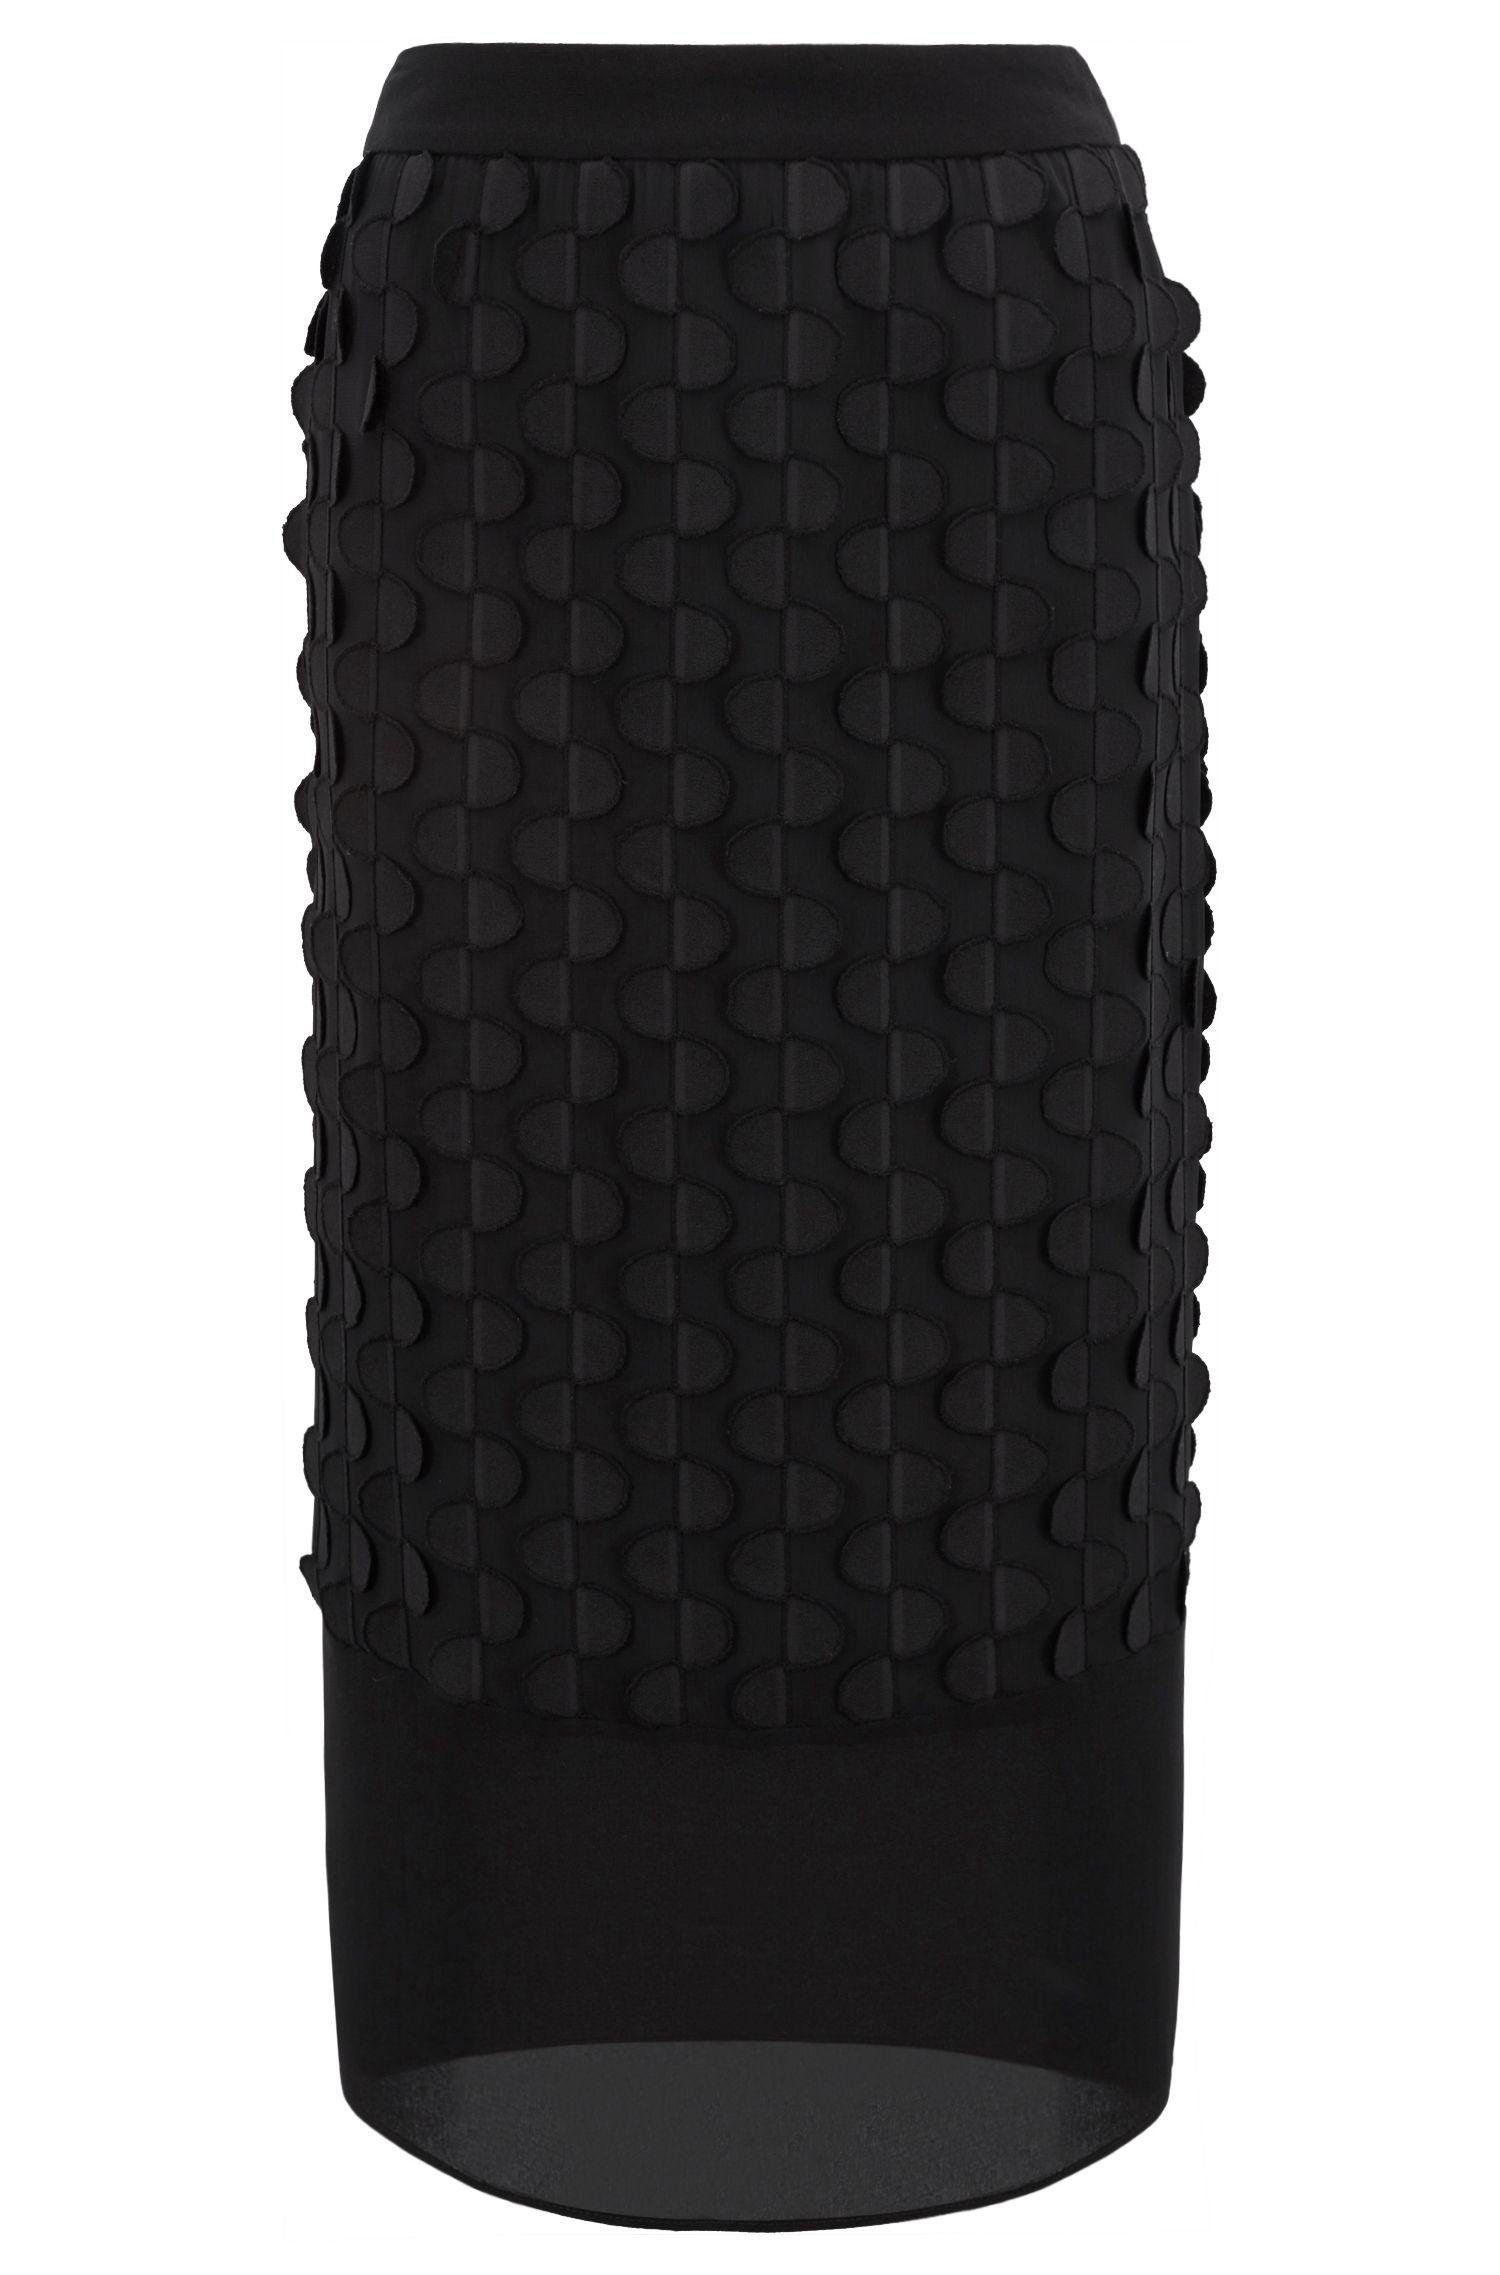 Textured pencil skirt in crepe georgette, Black